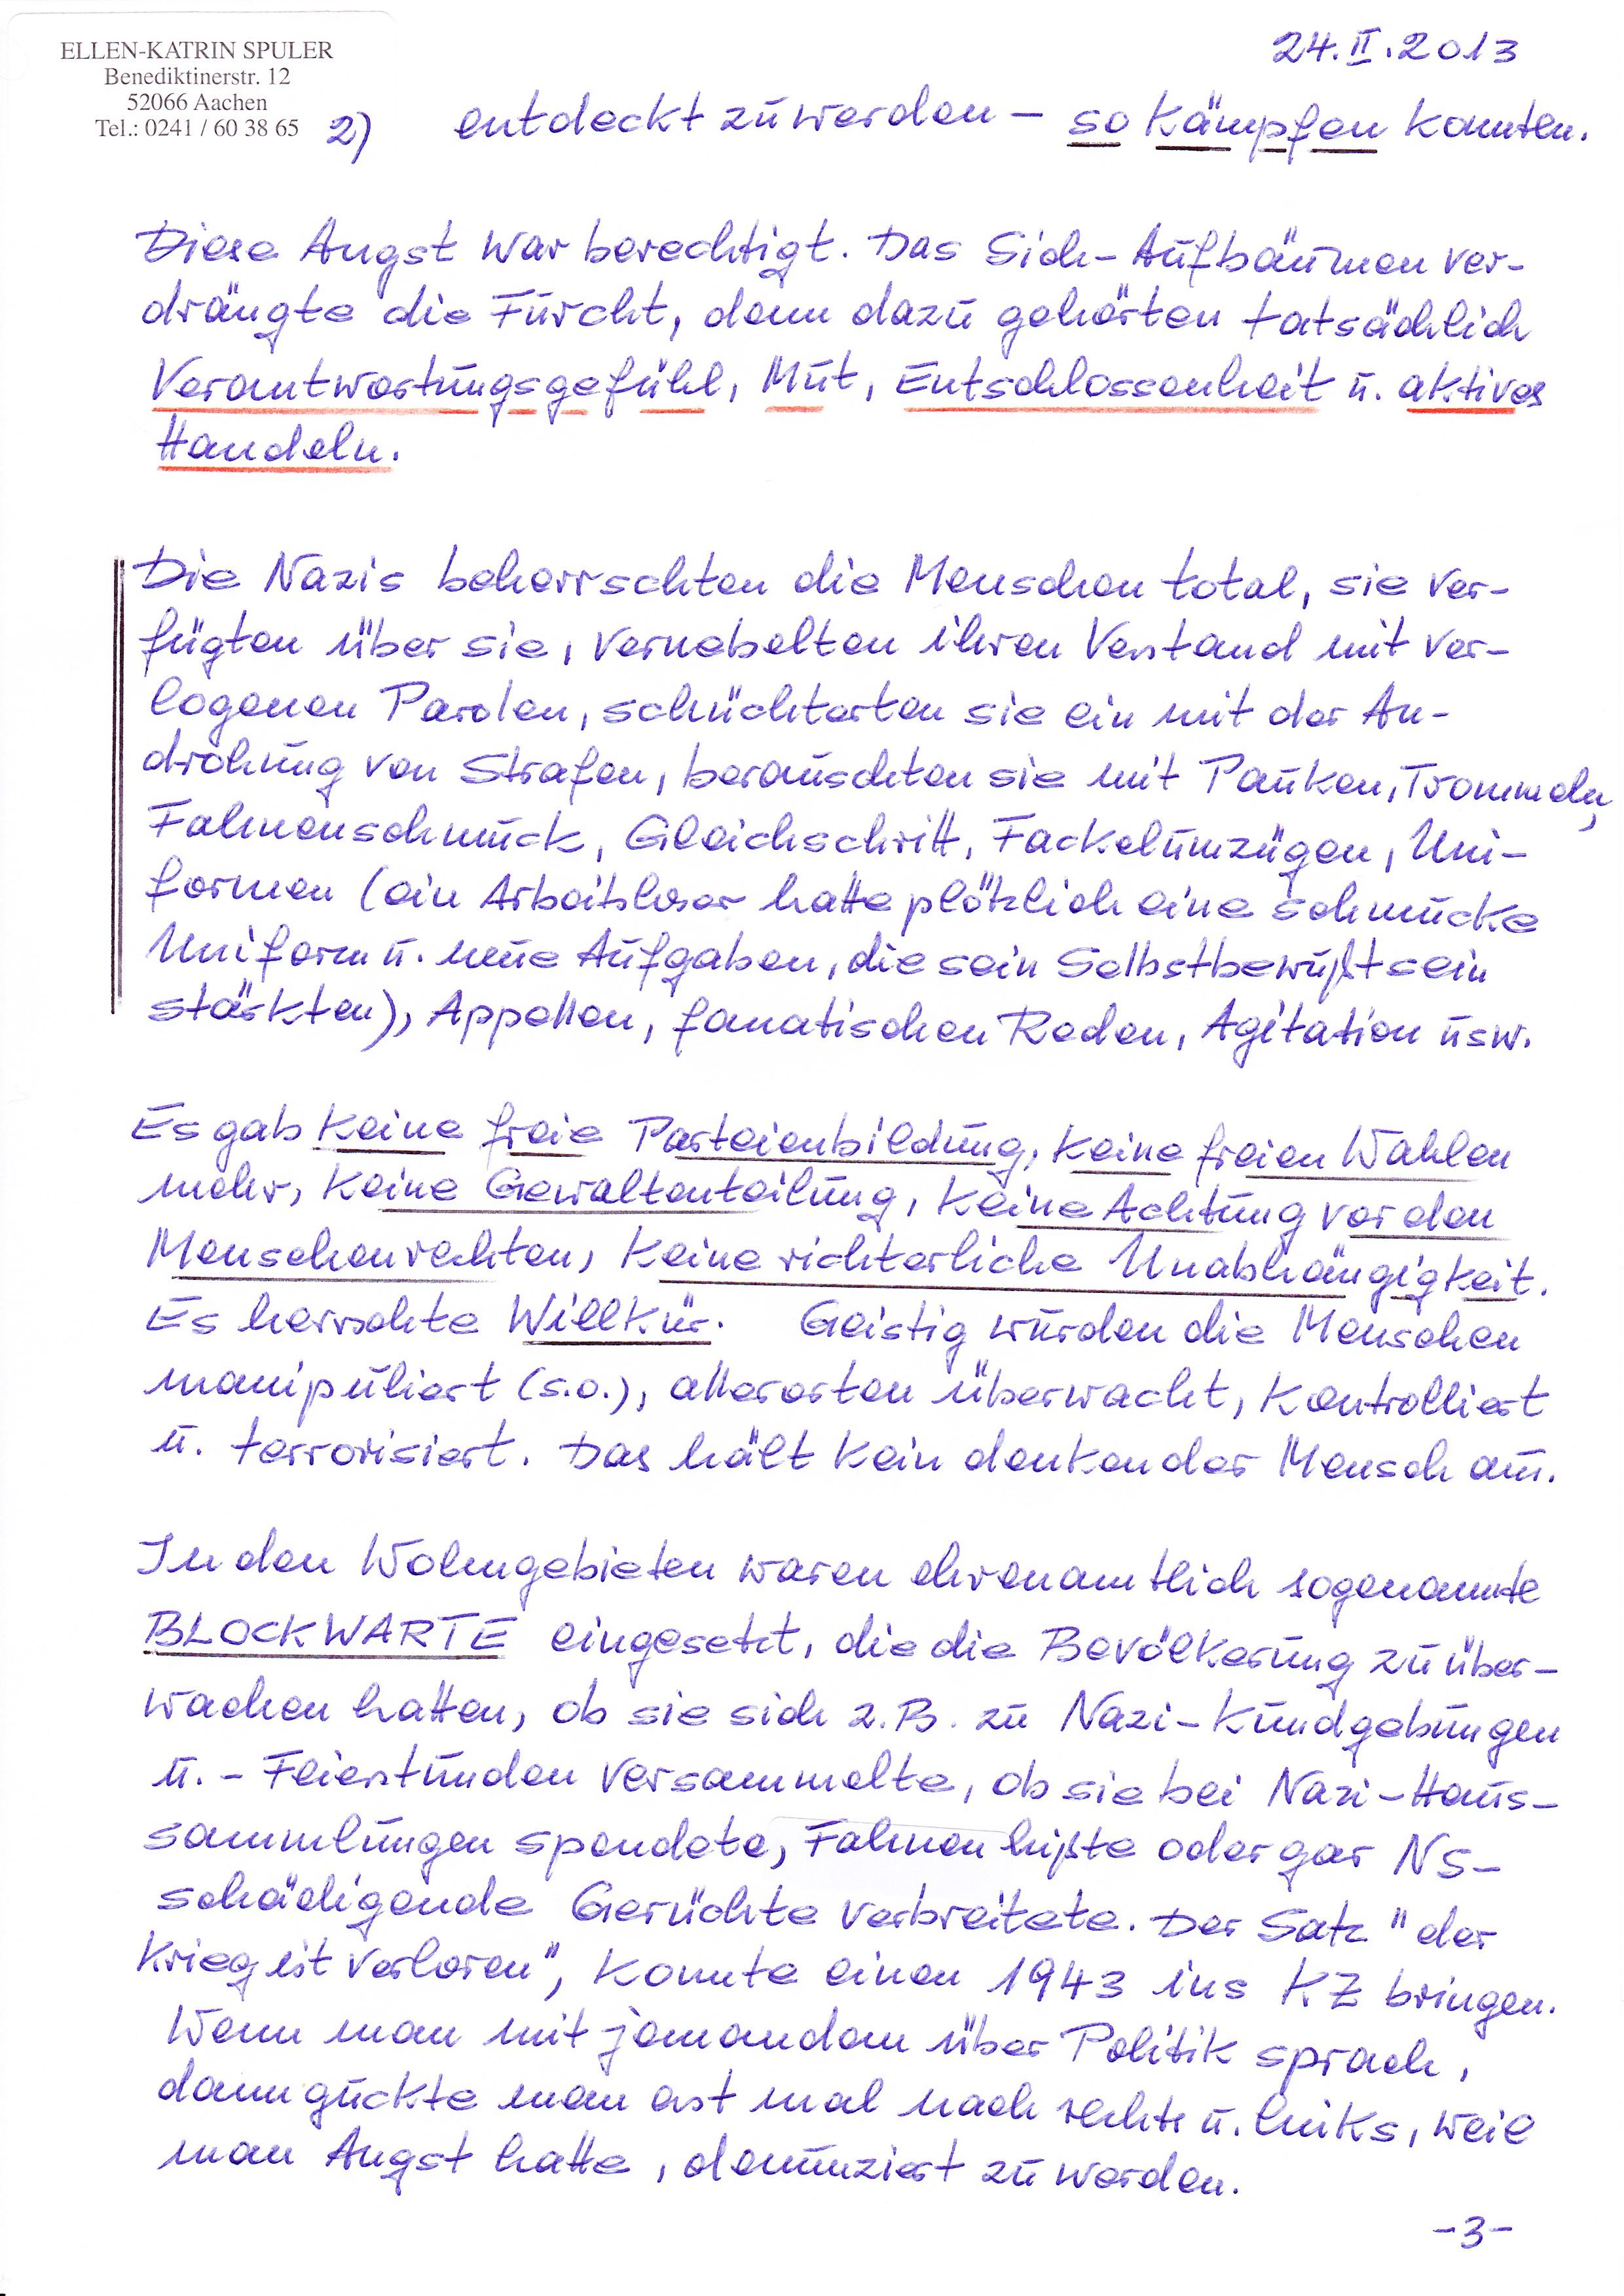 Persönliche Briefe Beispiele : Zivilcourage lohnt sich ein persönlicher brief